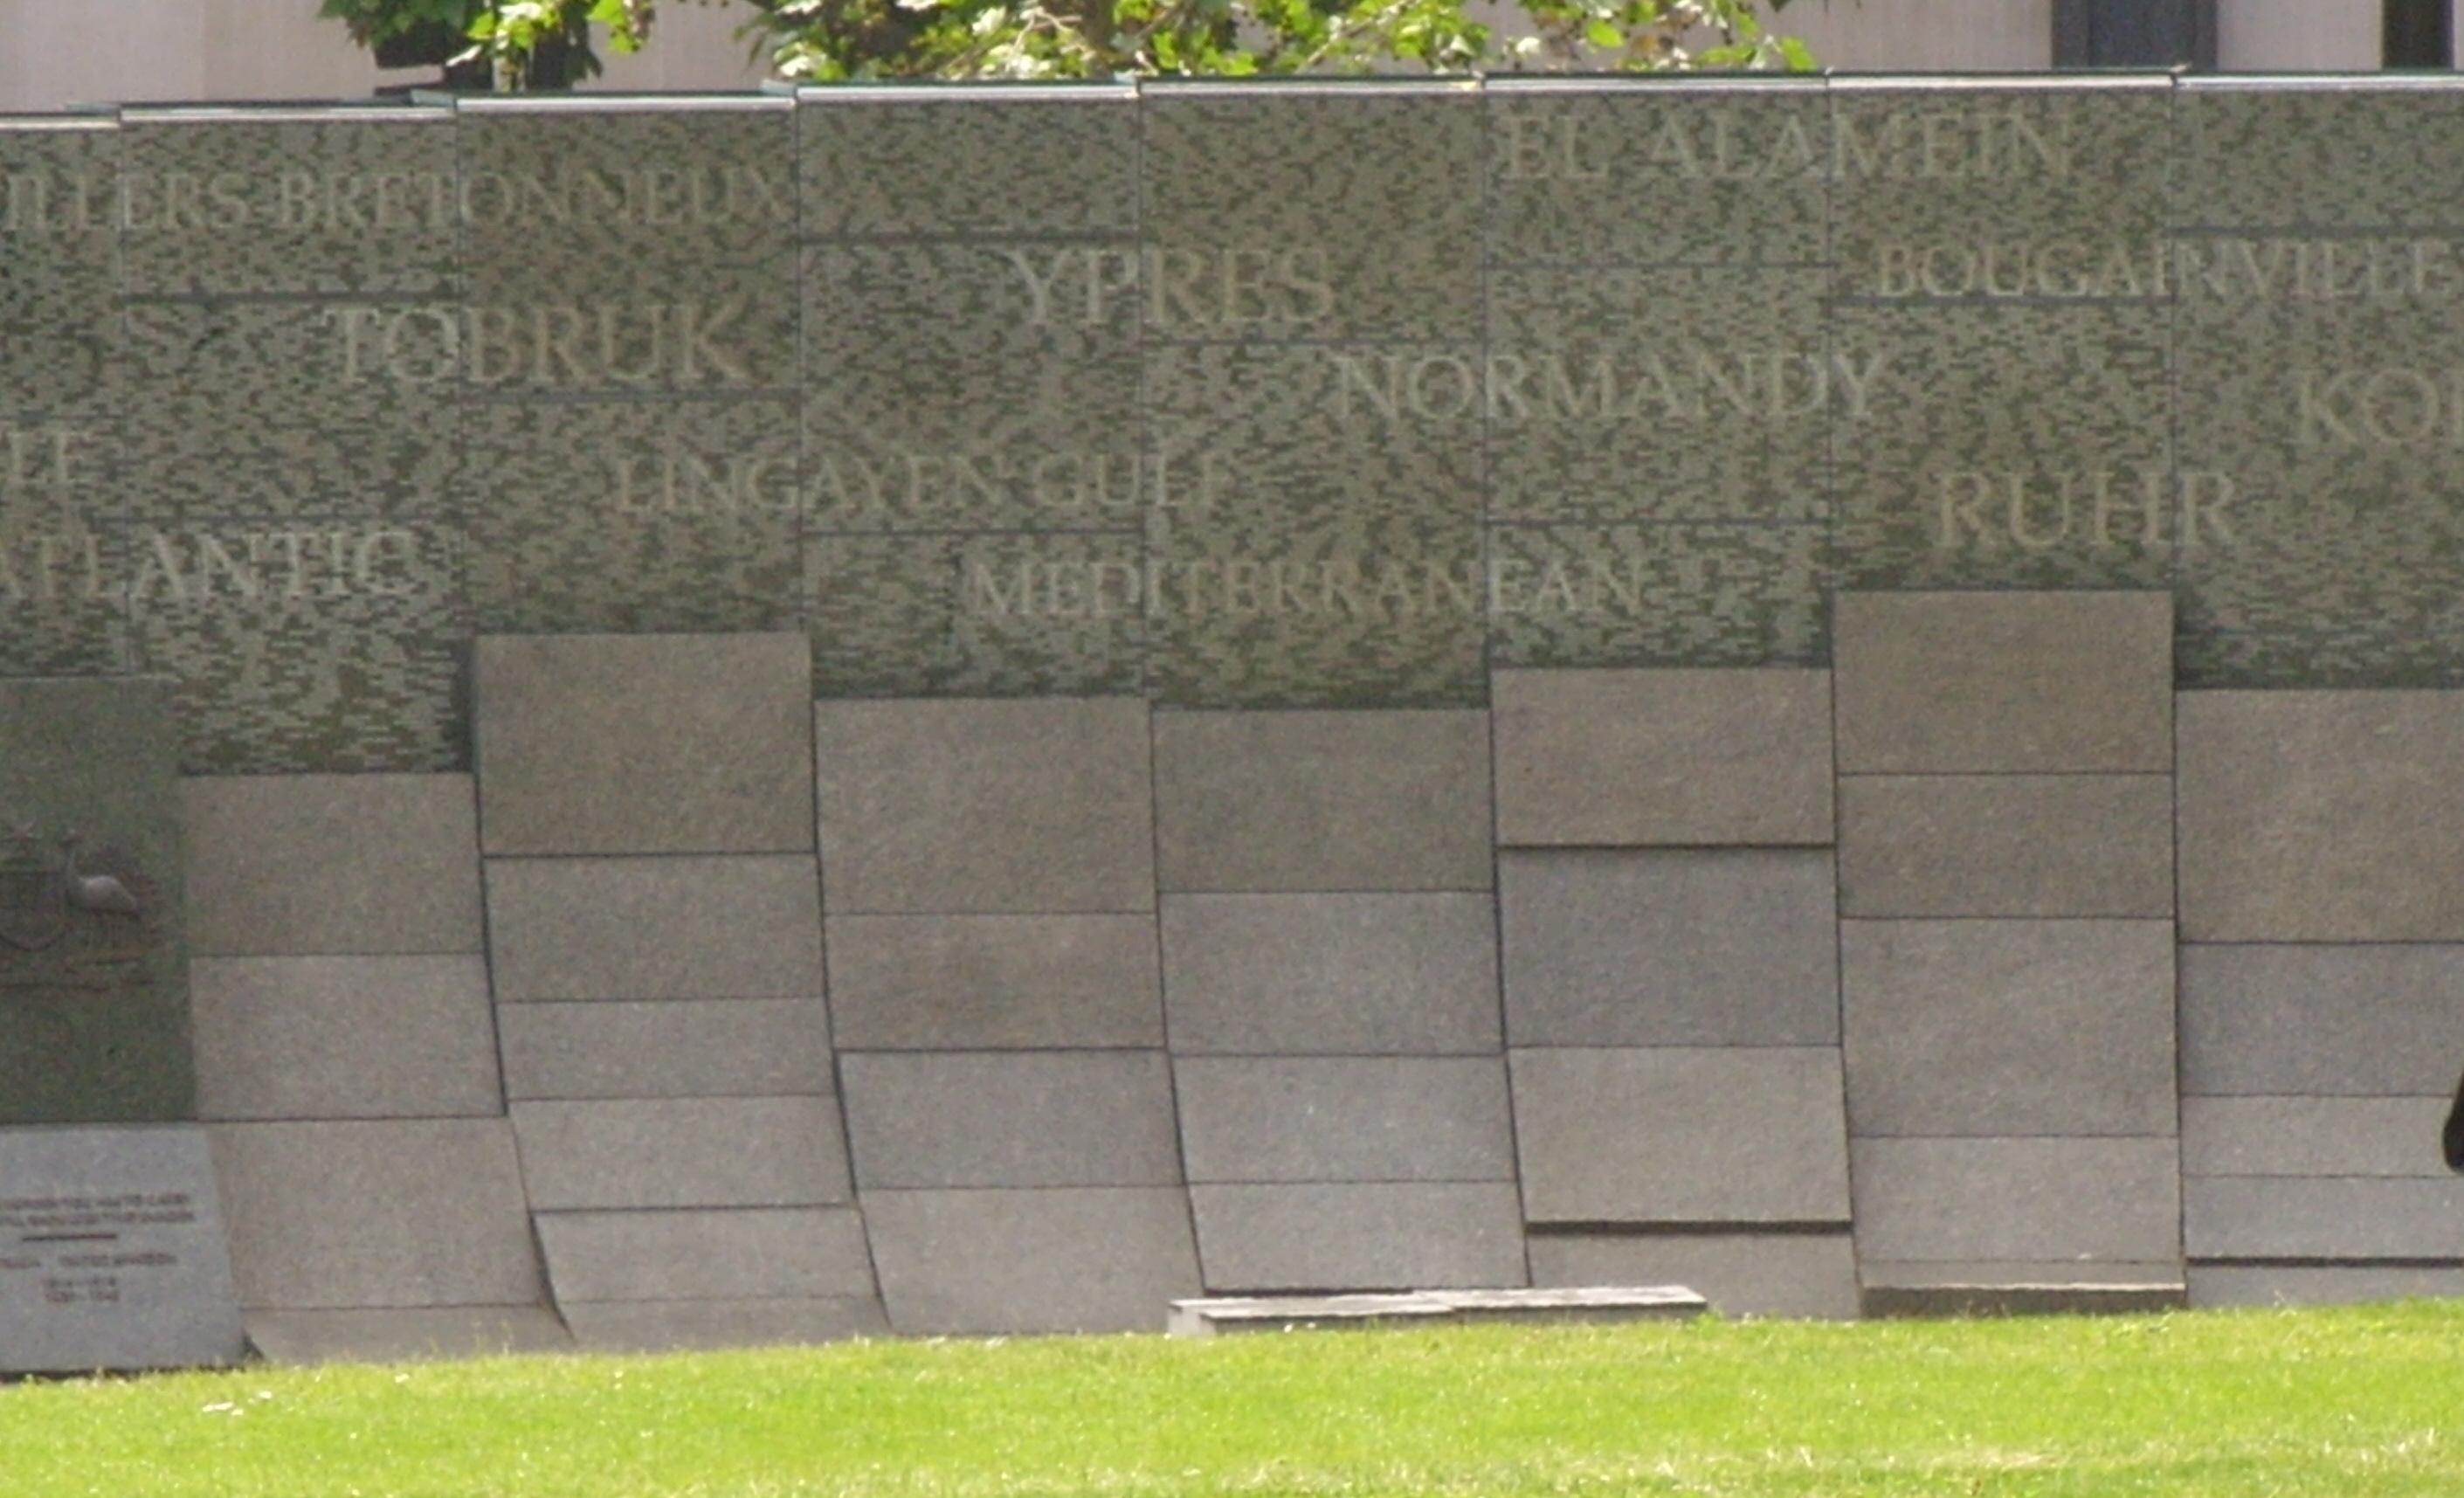 War Memorials in London File:australia War Memorial